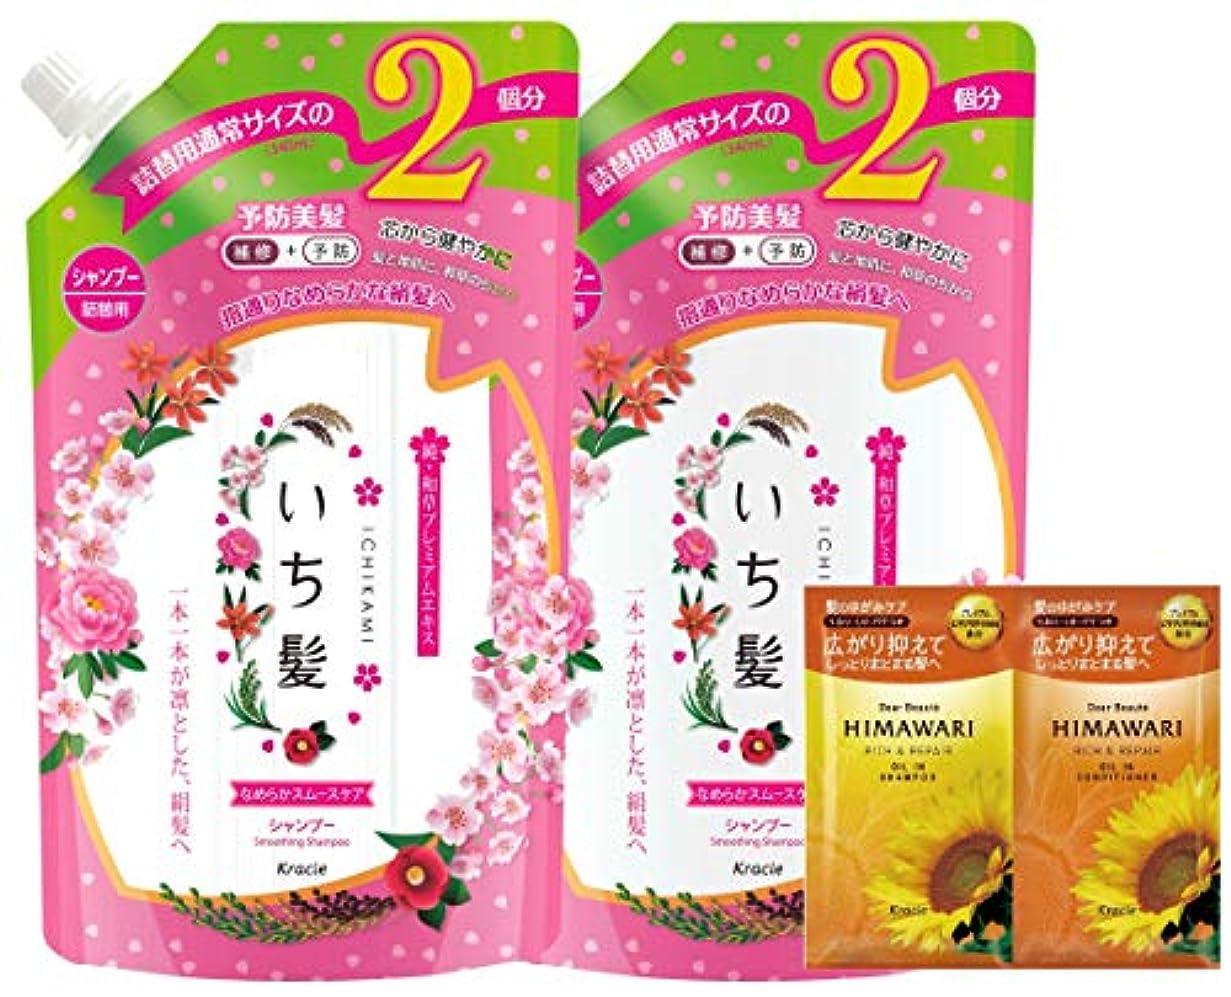 【Amazon.co.jp限定】いち髪なめらかスムースケアシャンプー詰替2回分2個セット【まとめ買い】 ディアボーテHIMAWARIトライアルセット付